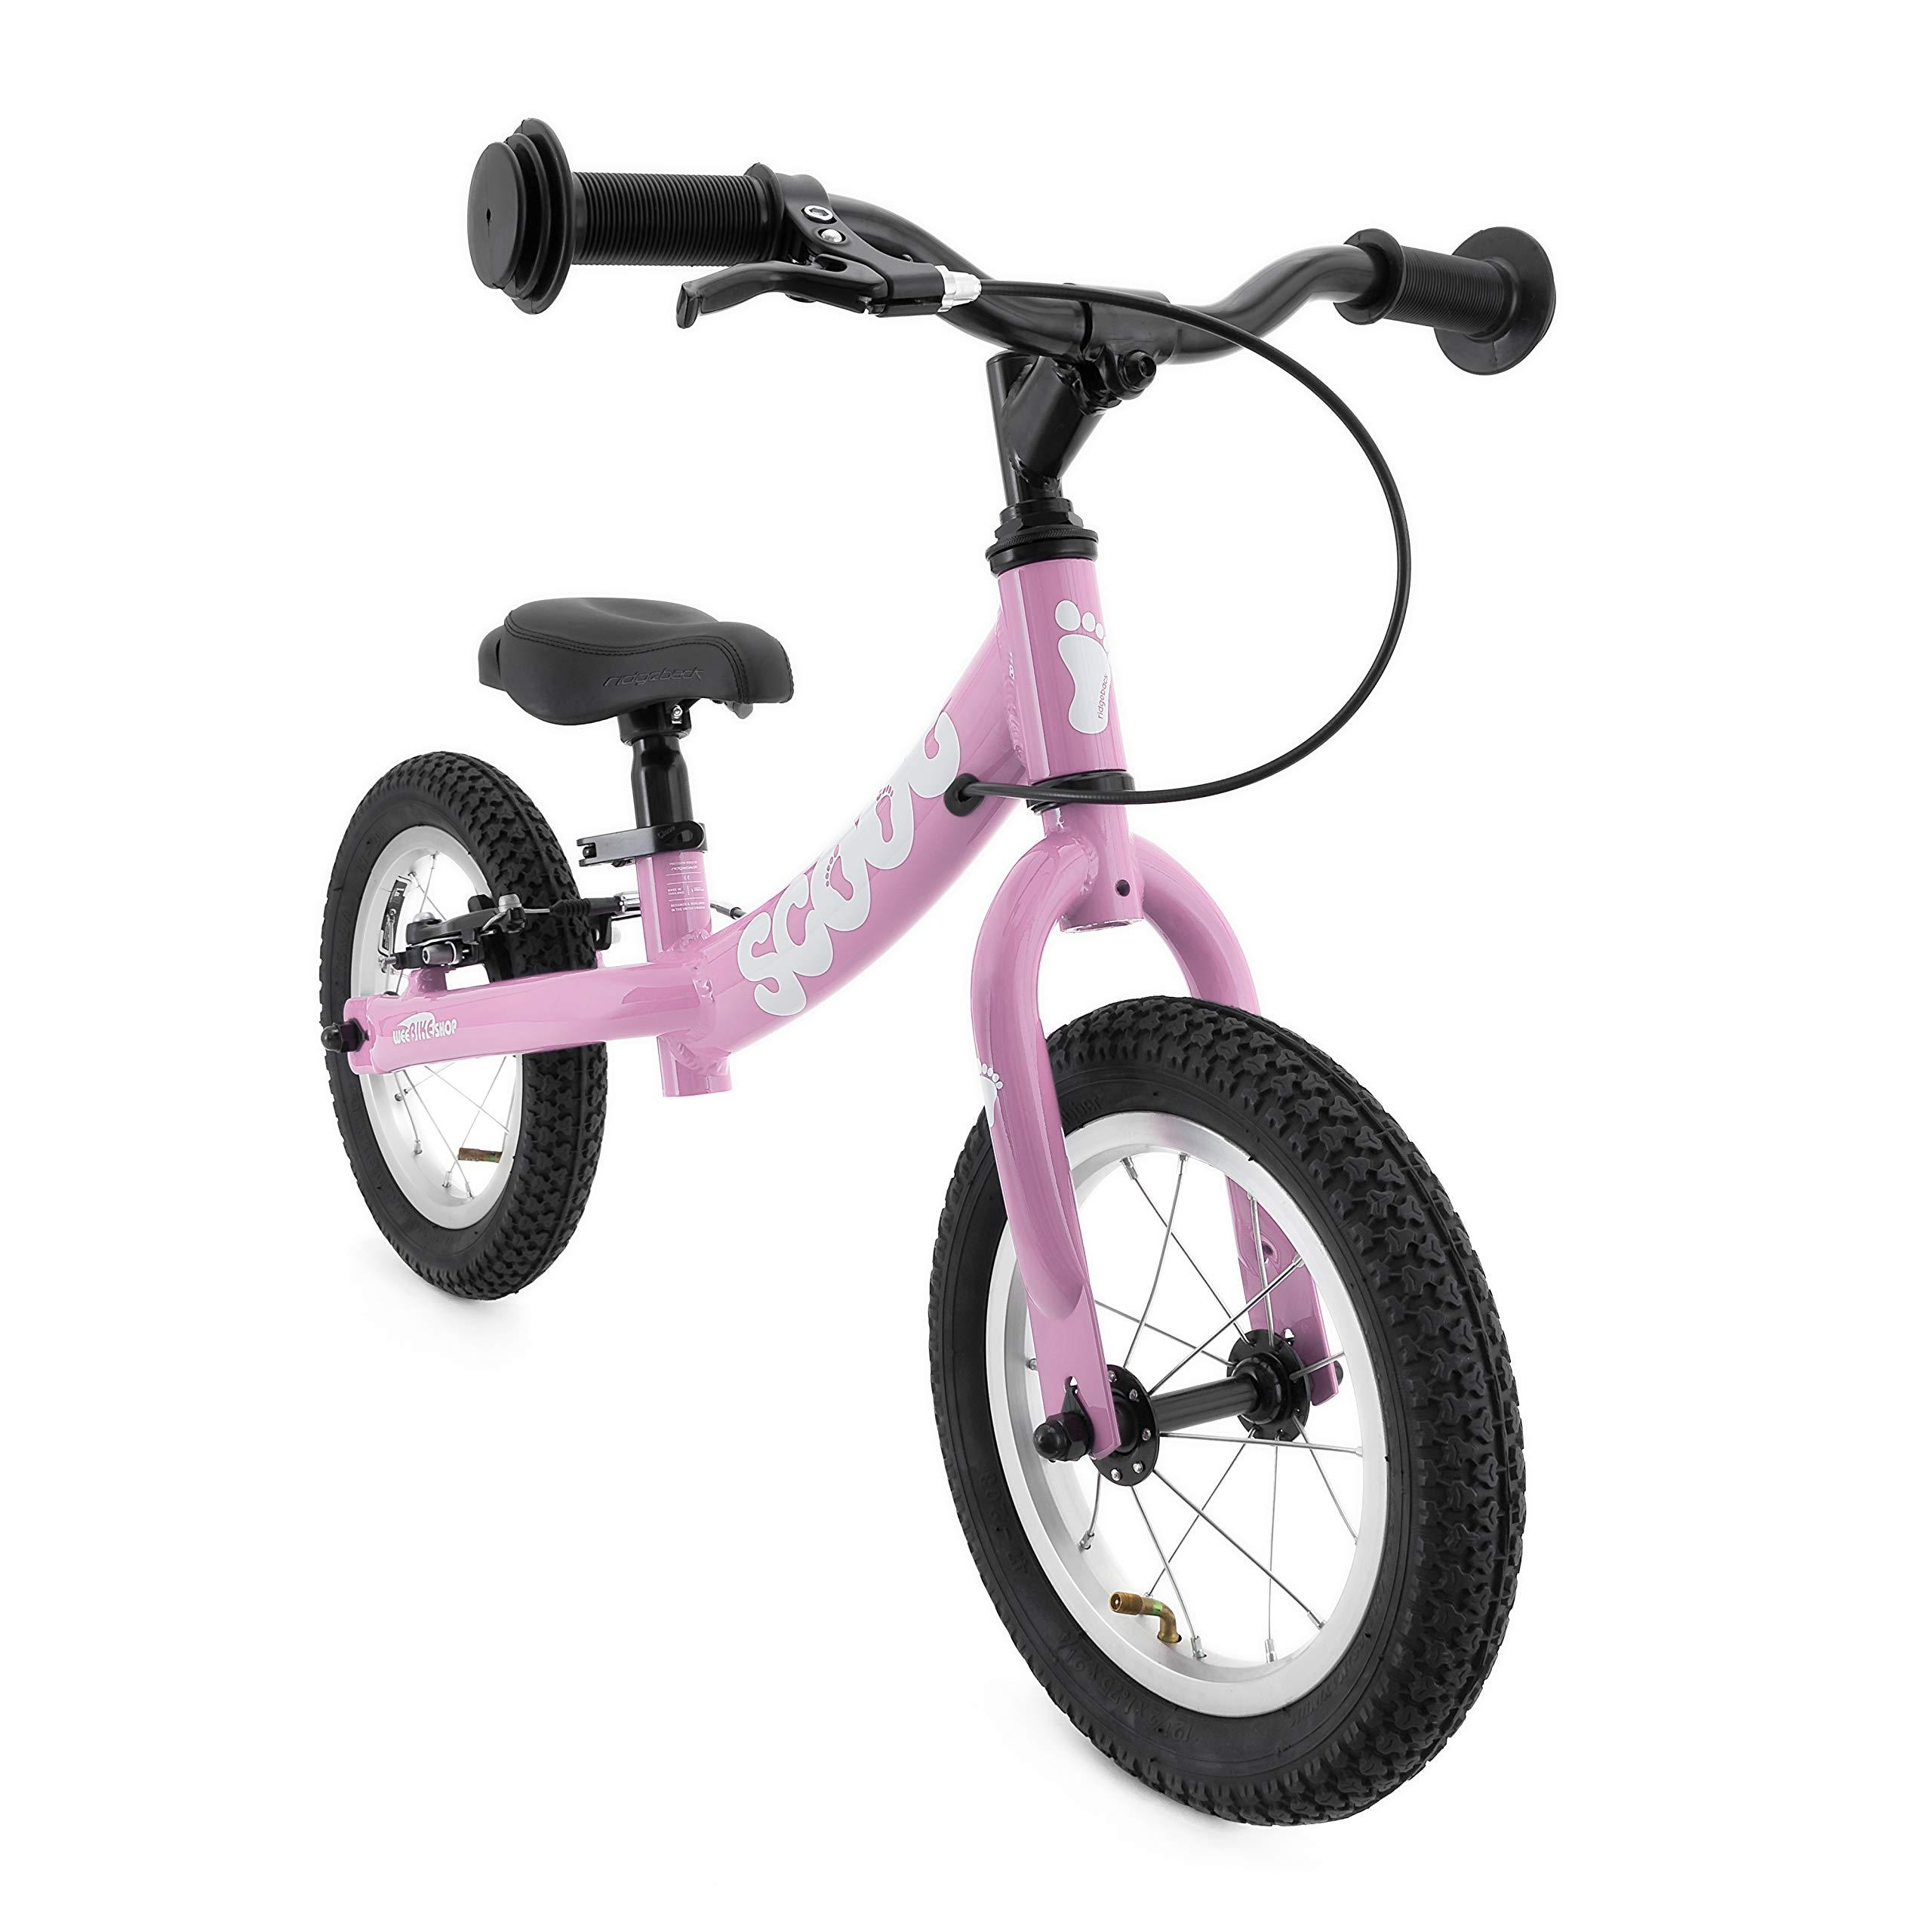 Ridgeback UK 2018 US Edition Scoot 12'' Balance Bike (Age 3-6) (Gloss Pink)